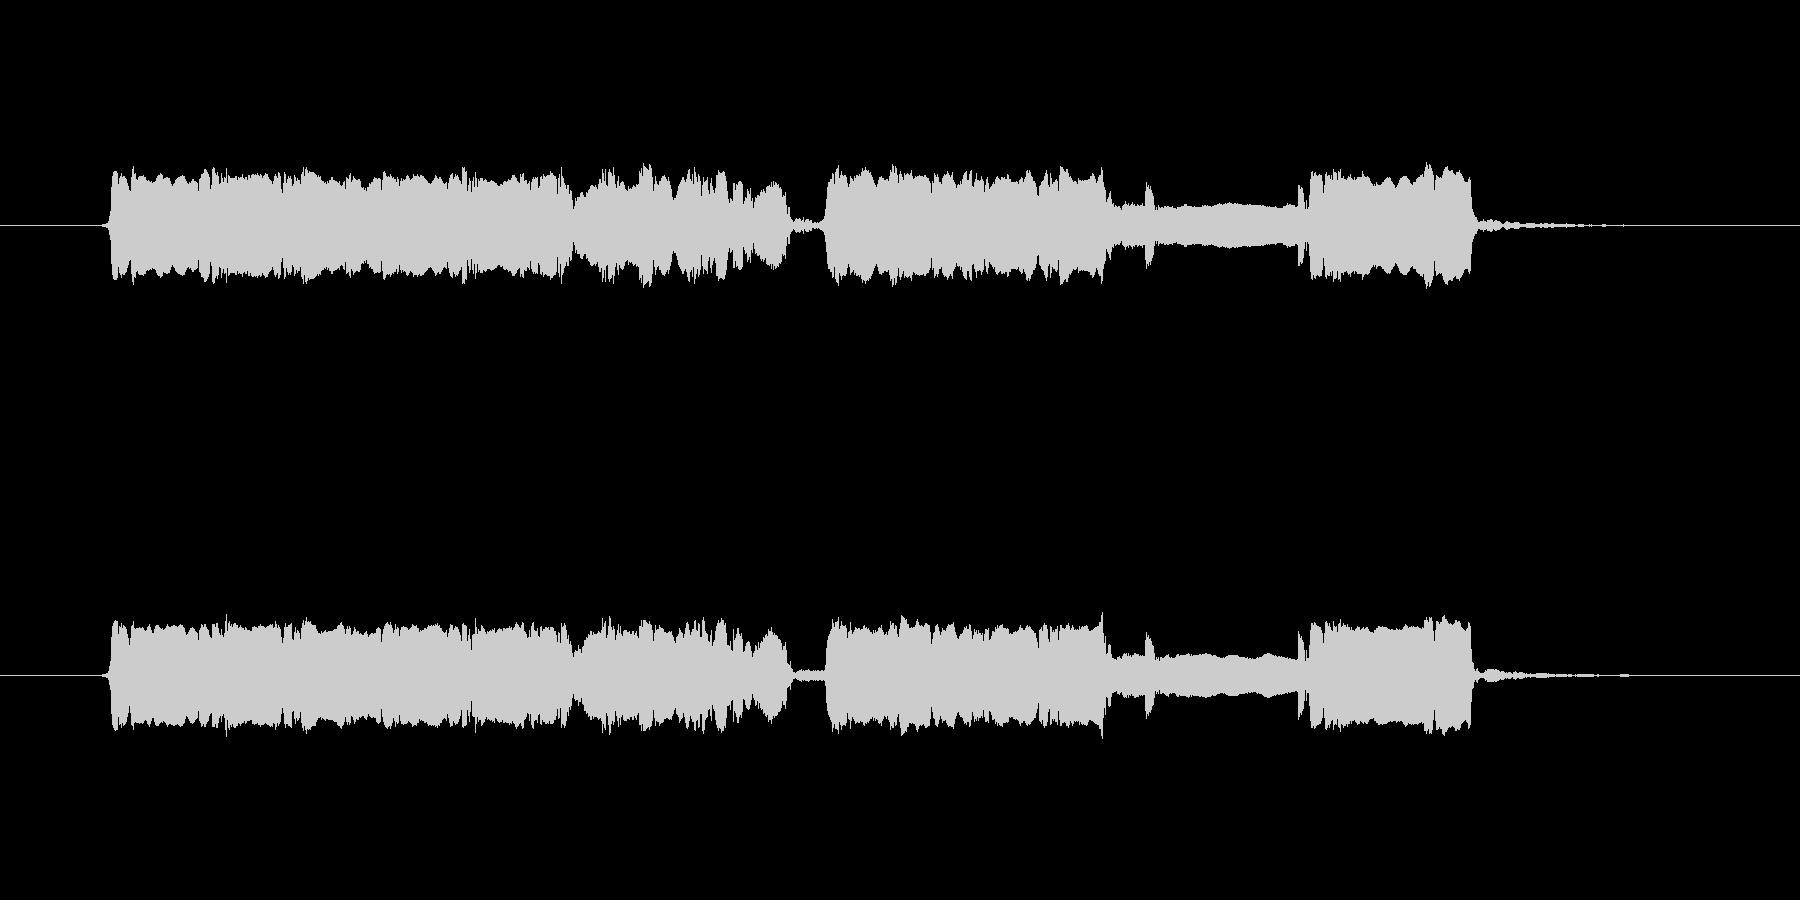 神楽風 篠笛生演奏のジングルの未再生の波形